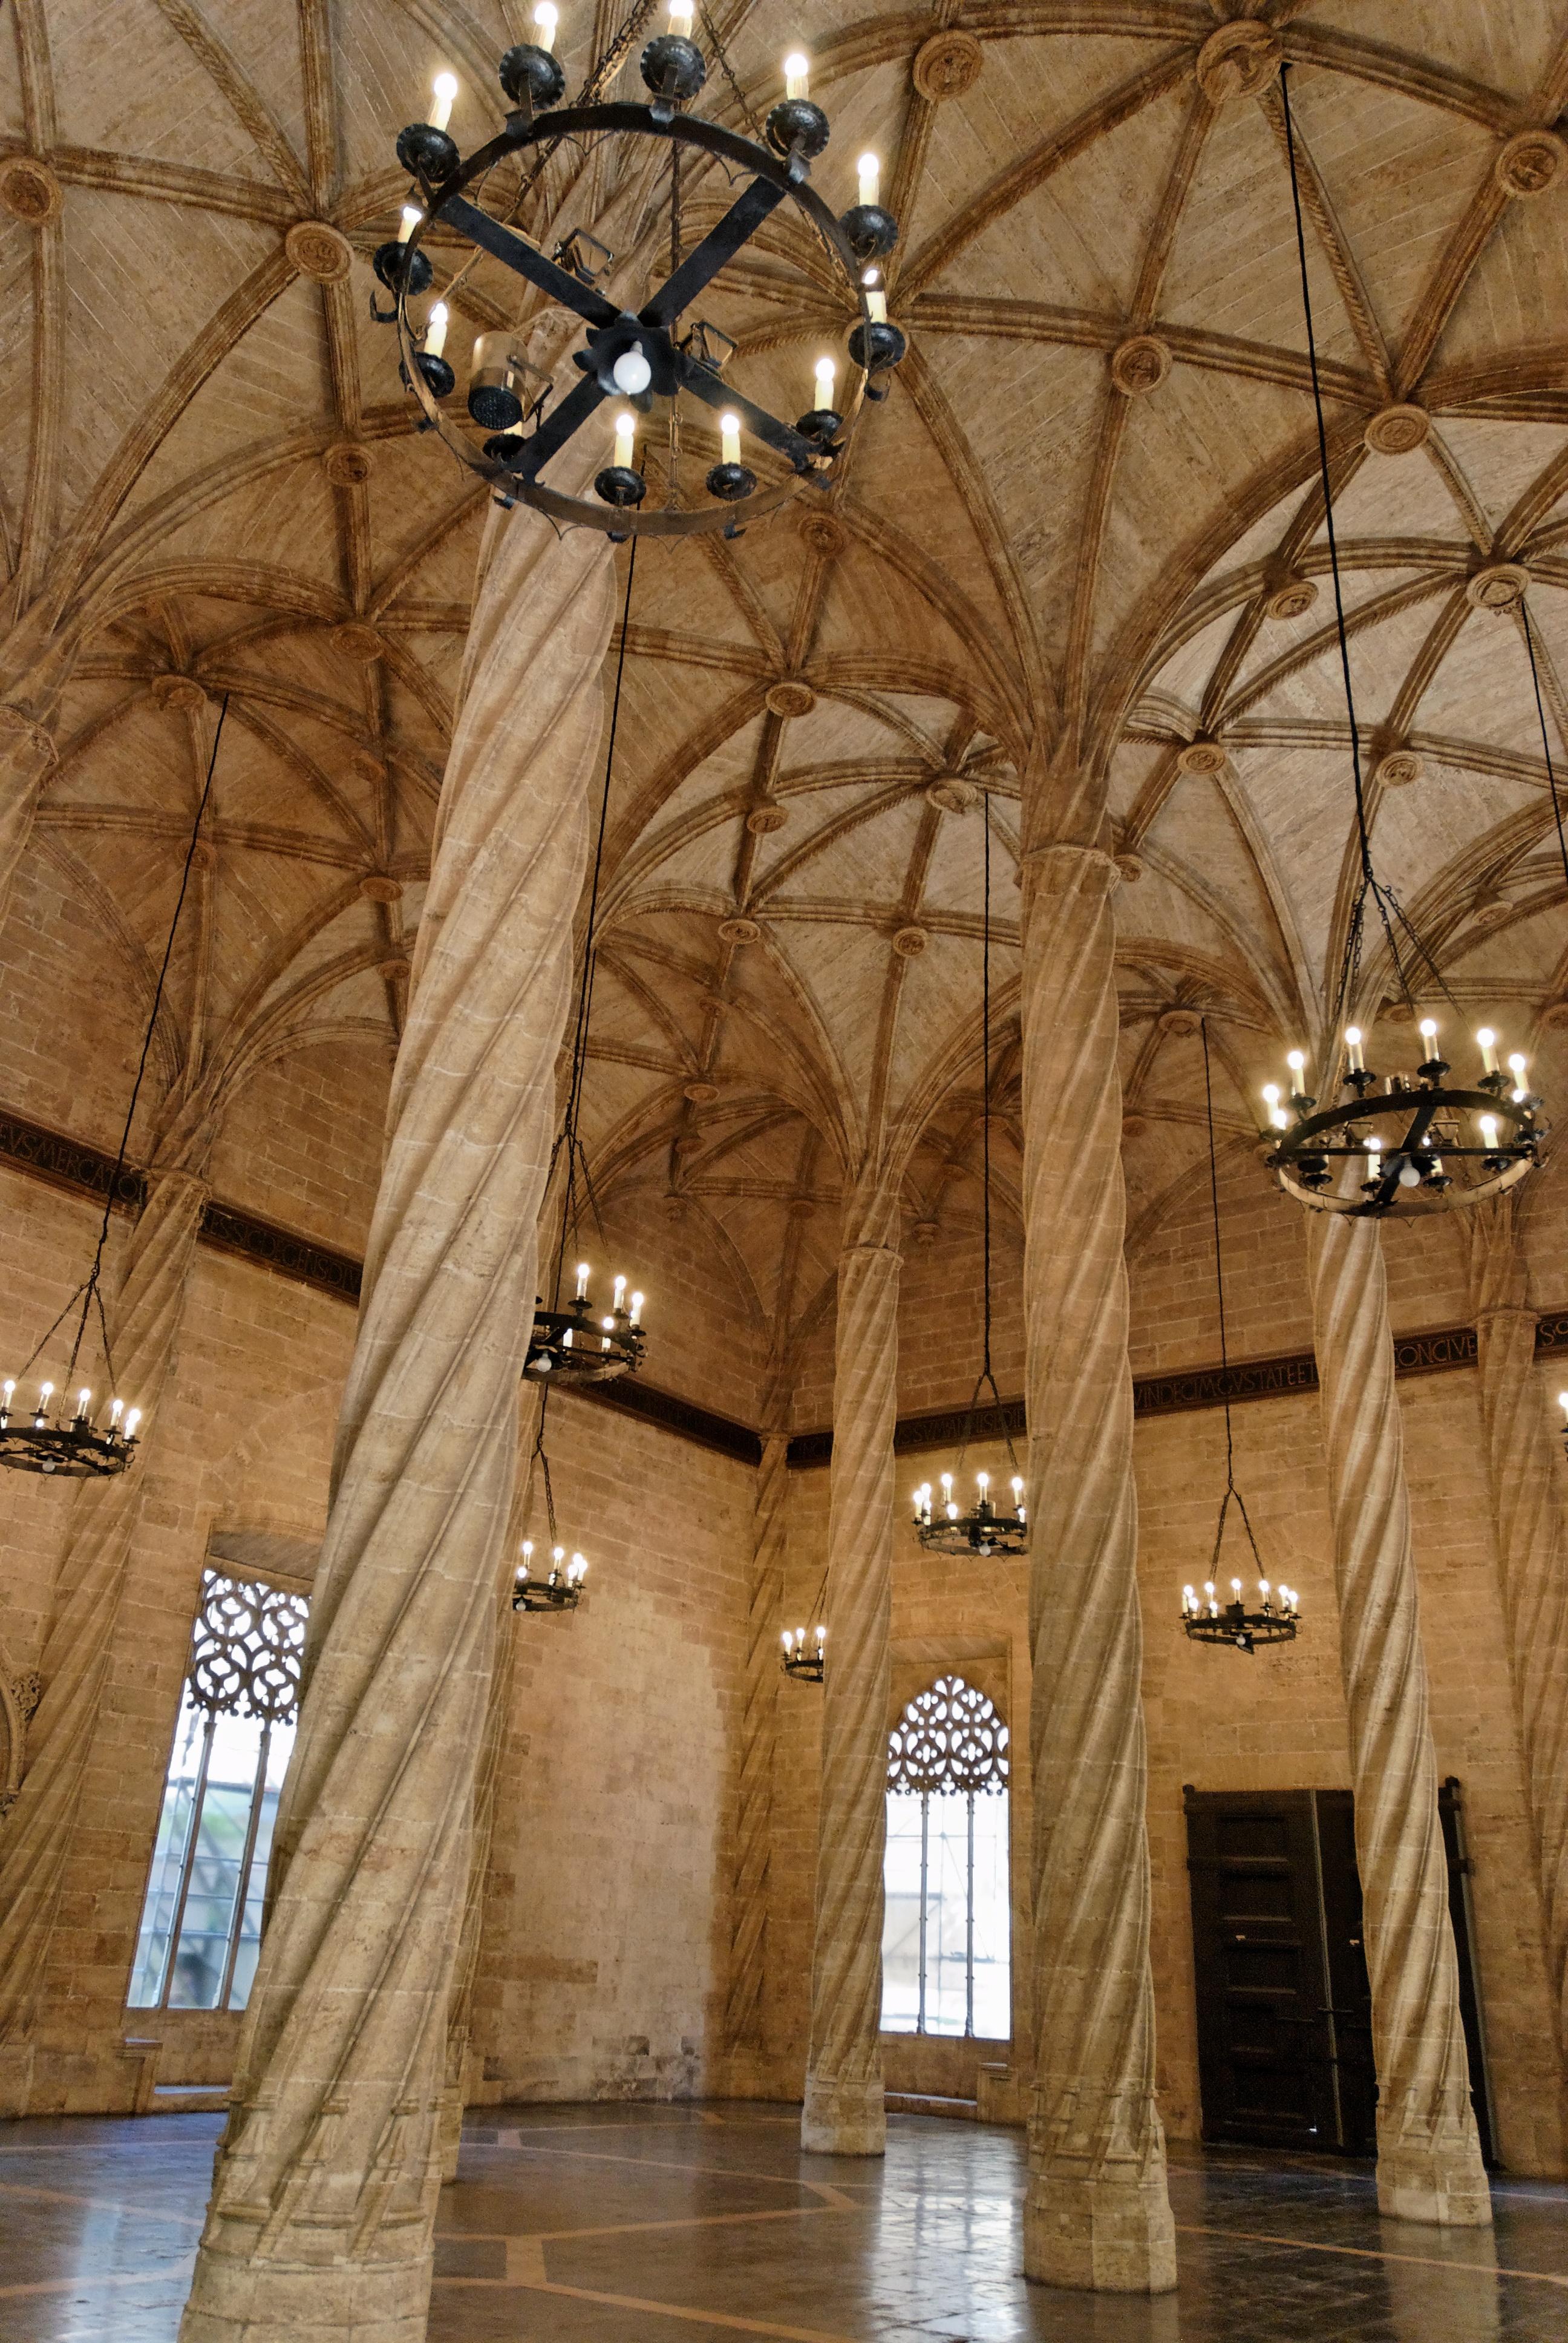 File:Lonja de la Seda de Valencia.jpg - Wikimedia Commons